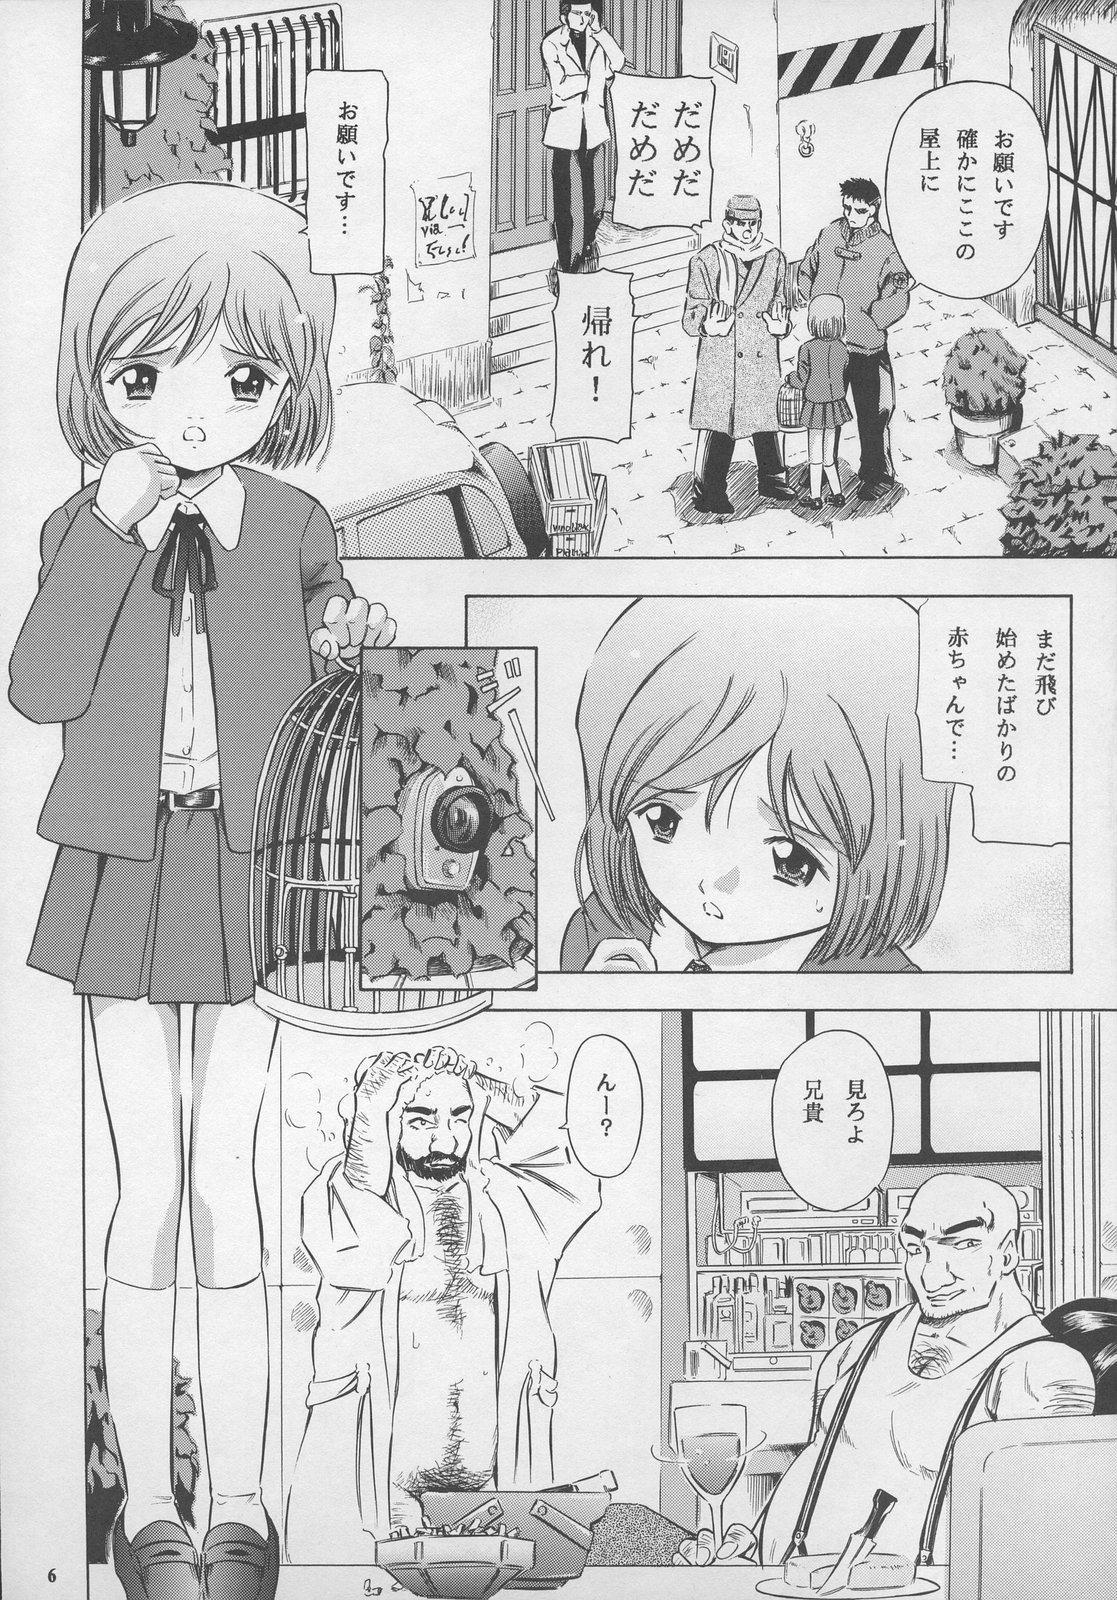 Minagoroshi no Tenshi 5